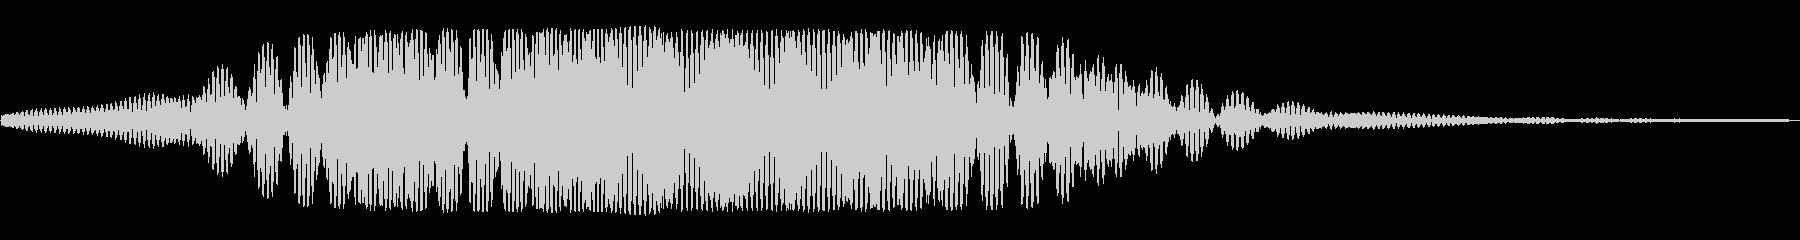 宇宙船通過(ドップラー効果)の未再生の波形